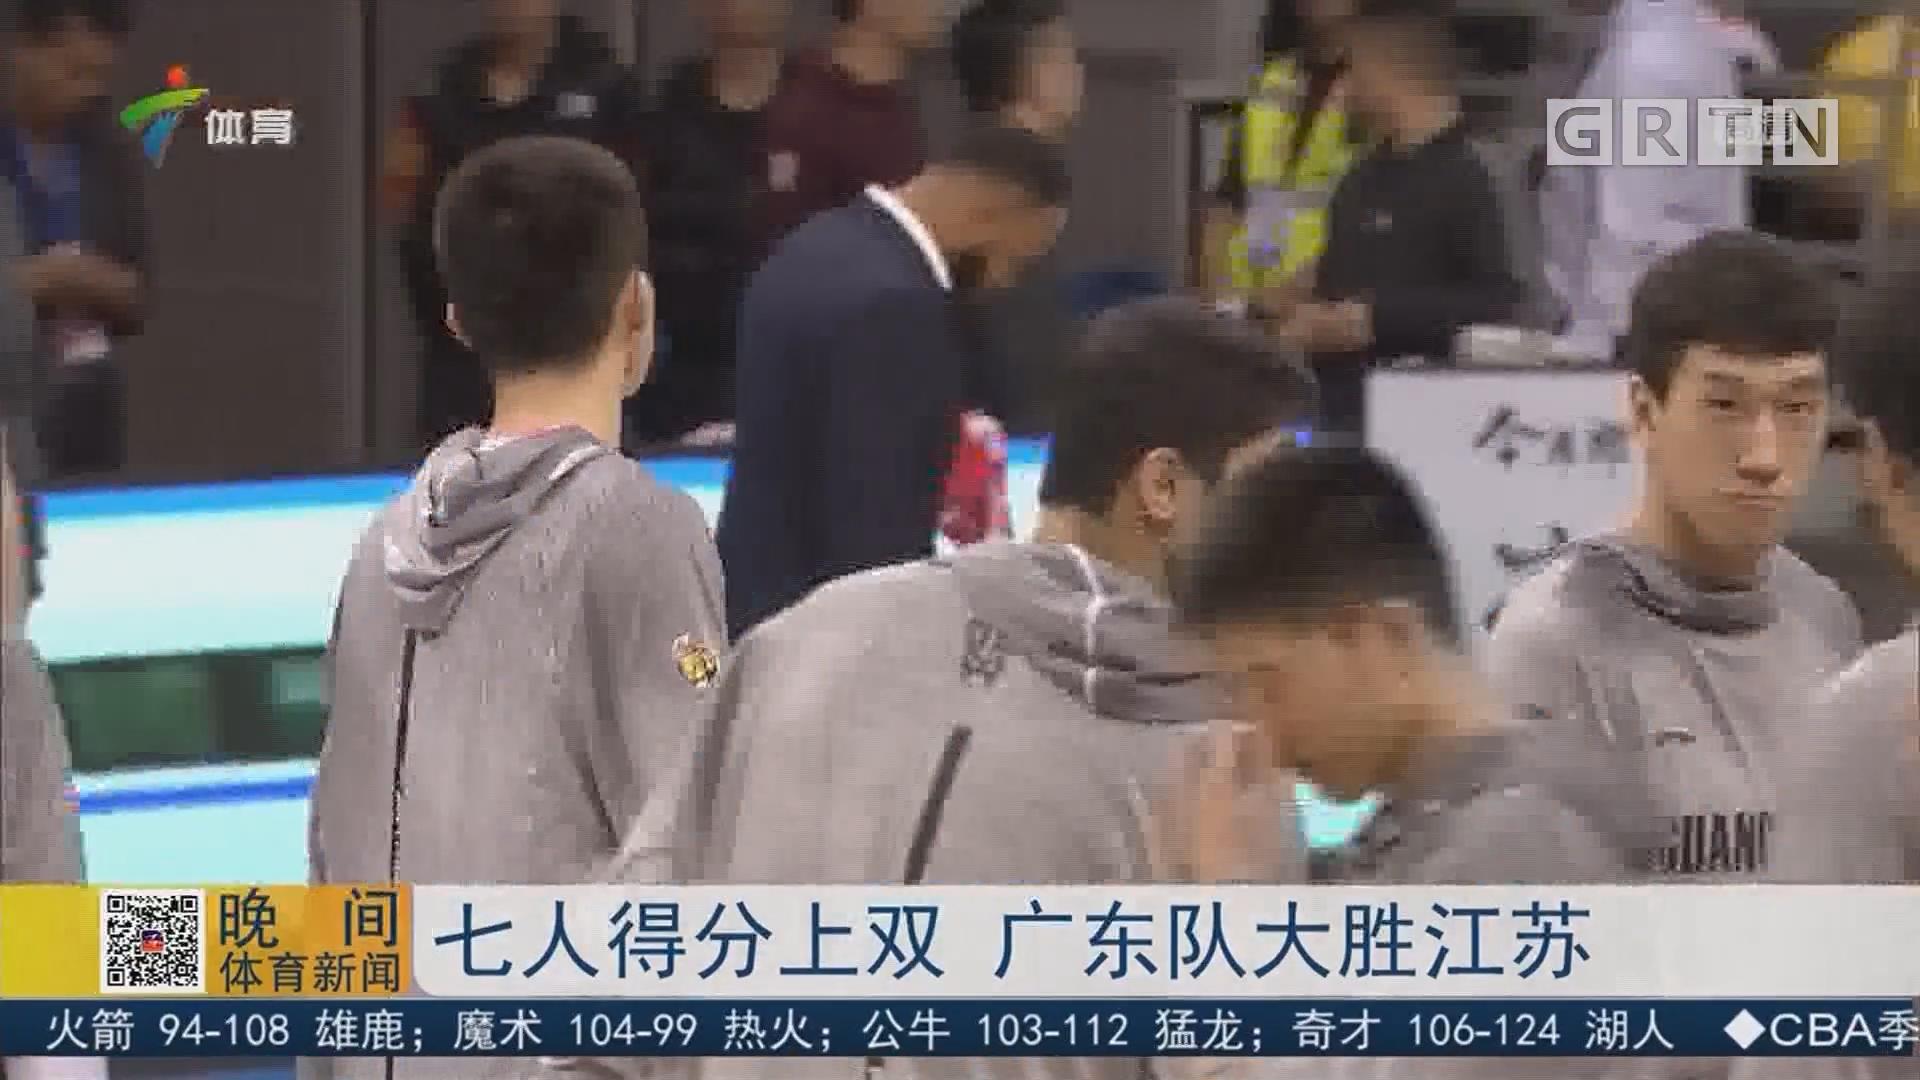 七人得分上双 广东队大胜江苏